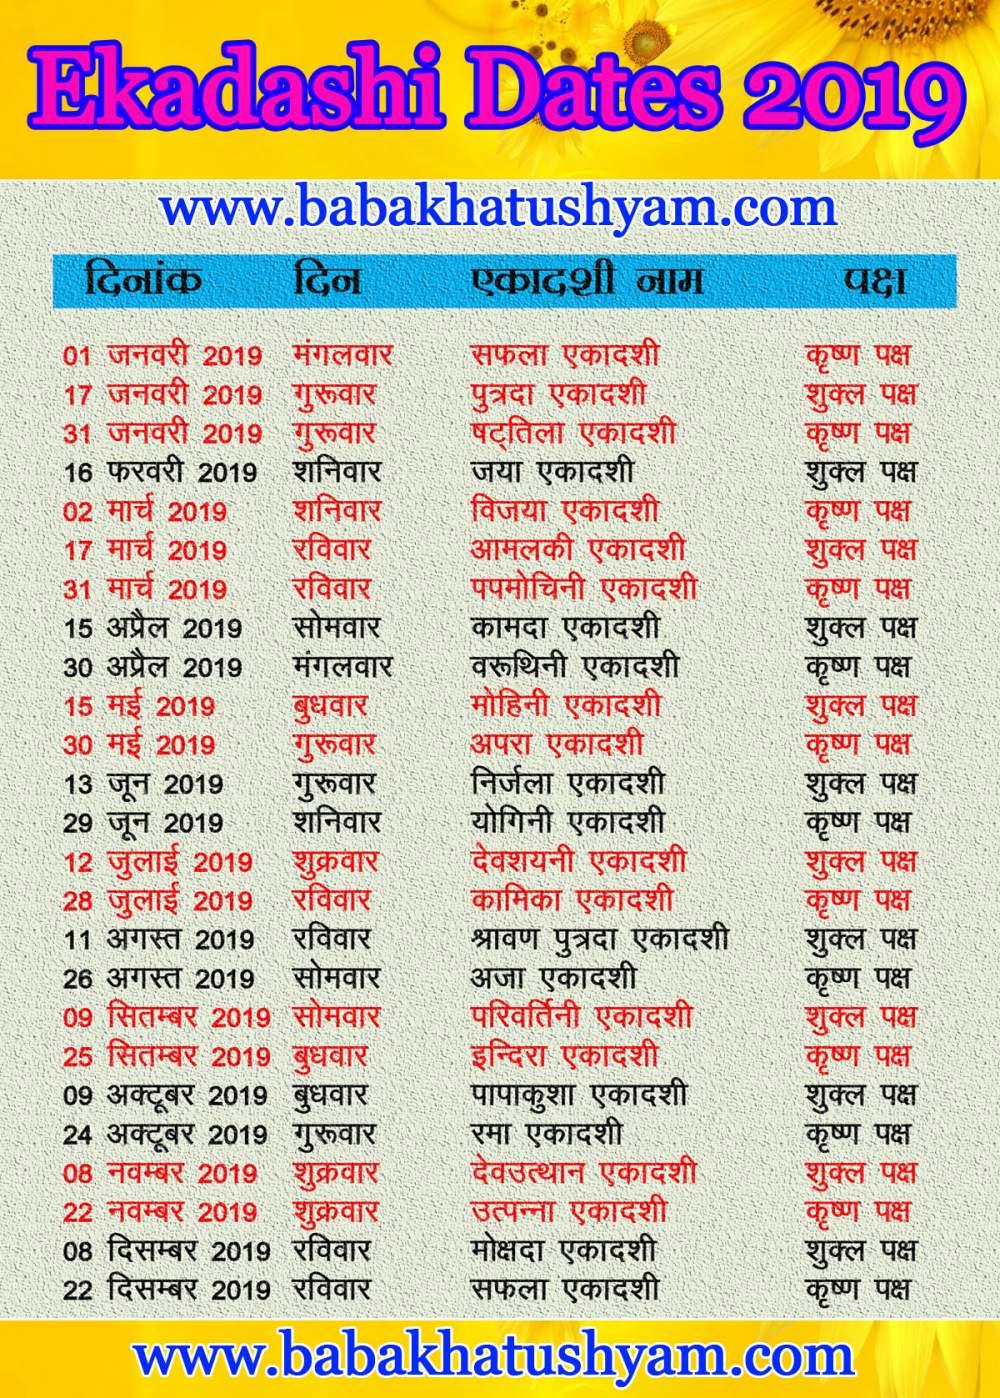 ekadashi vrat date calendar 2019